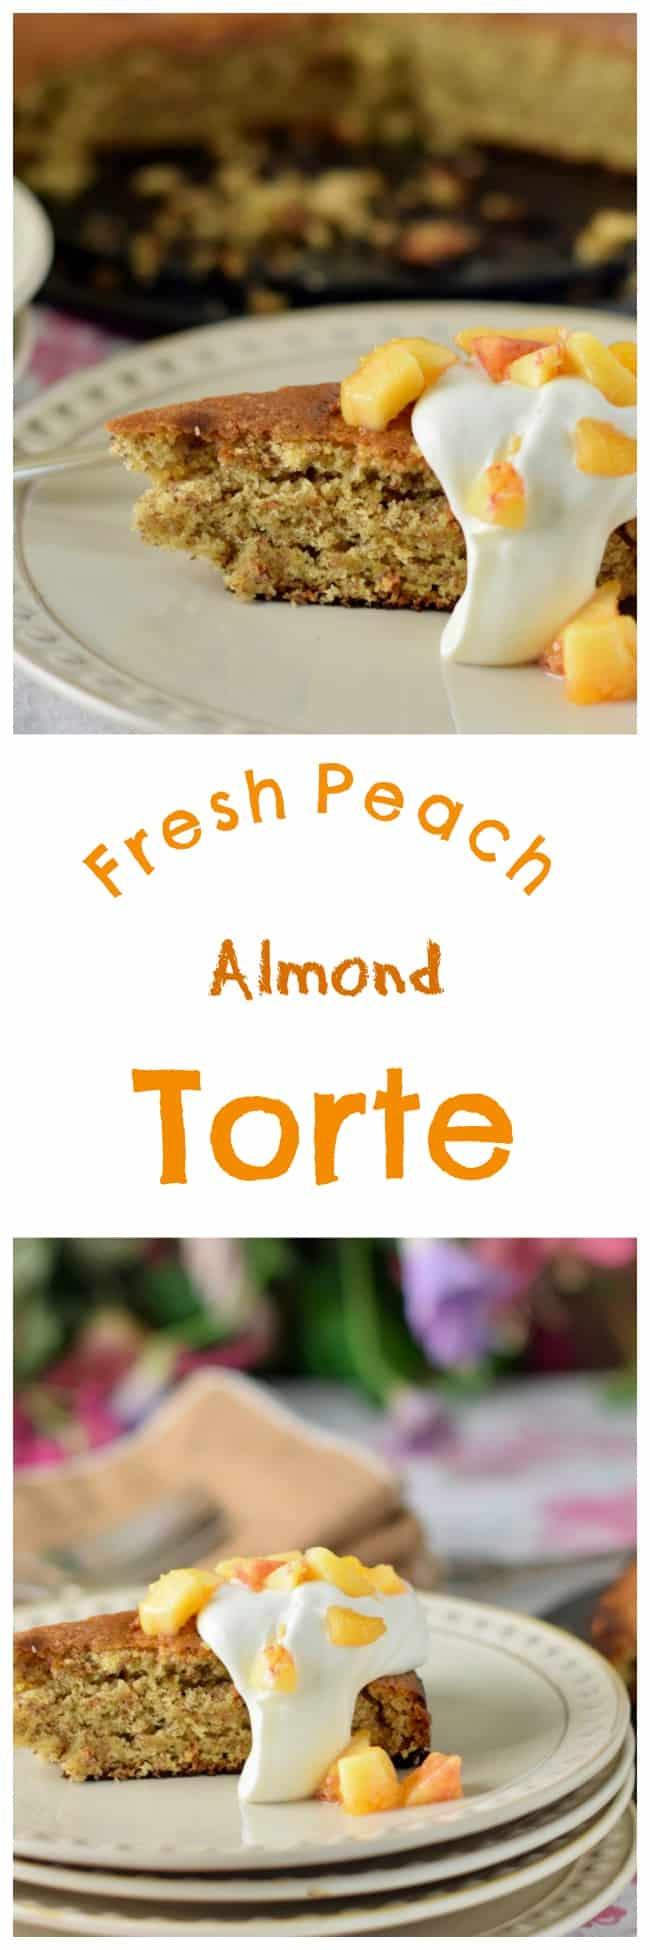 Fresh Peach Almond Torte